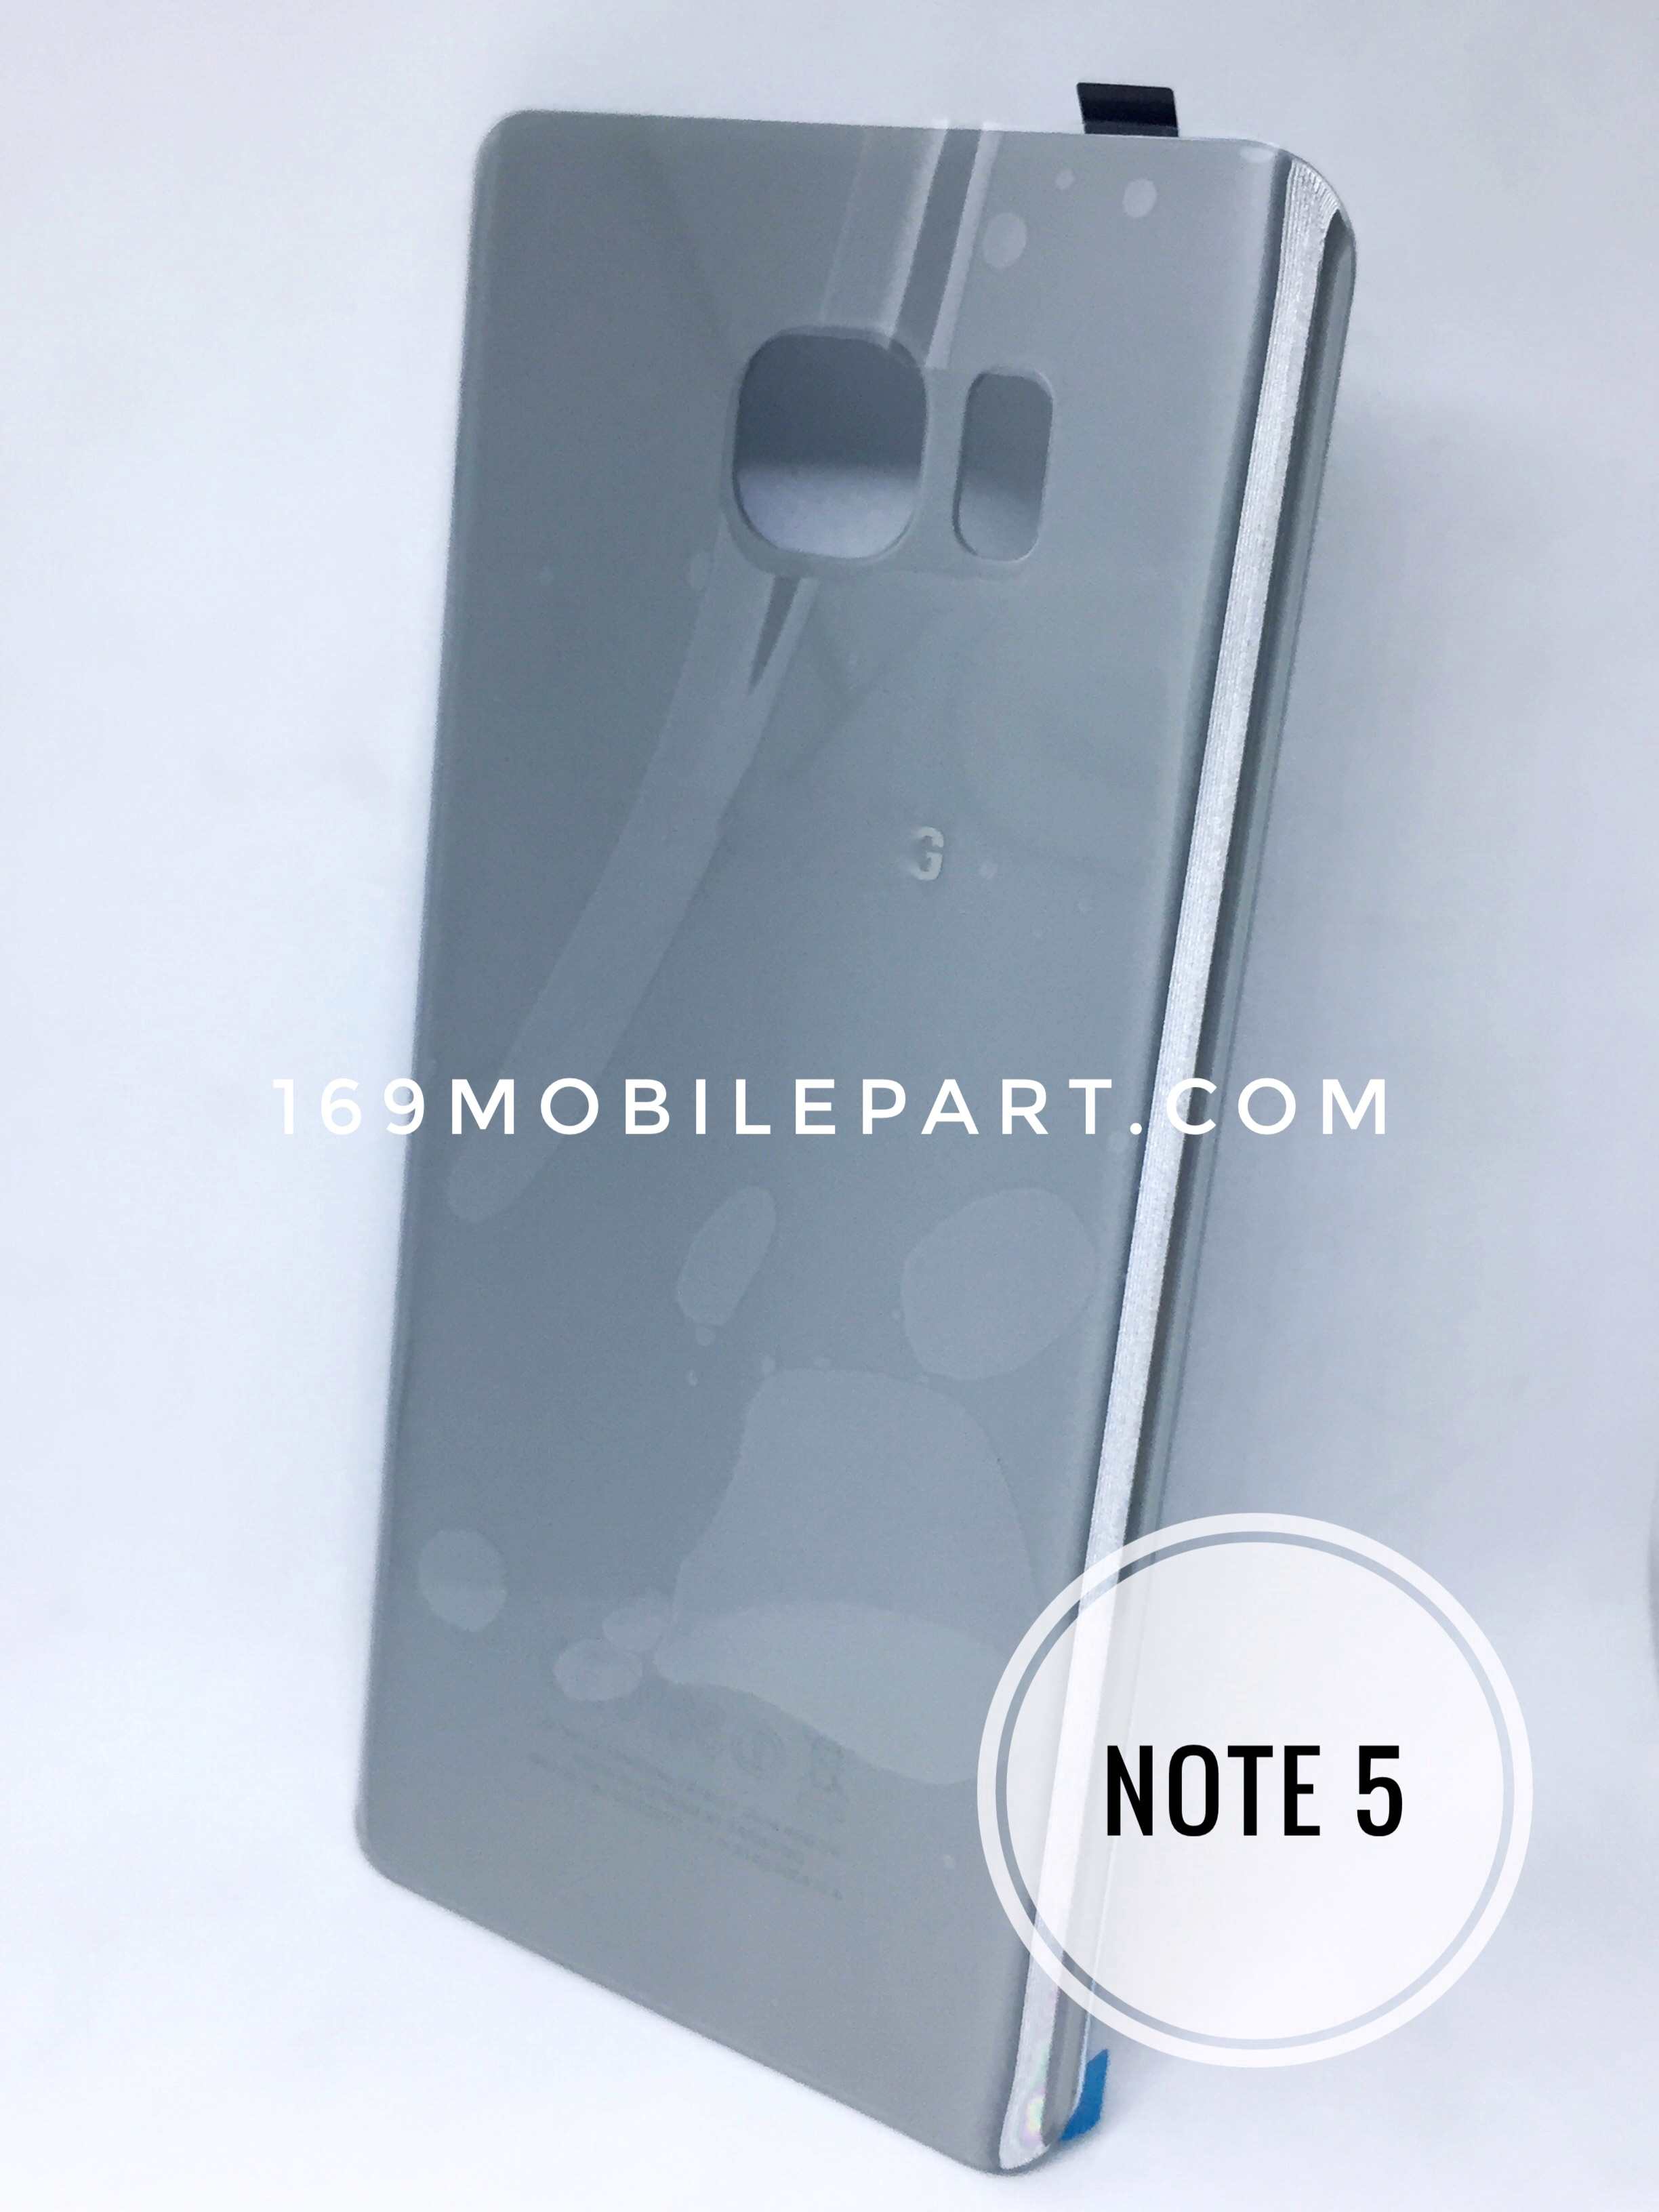 ฝาหลัง Samsung Galaxy Note 5 สีเงิน Silver Platinum